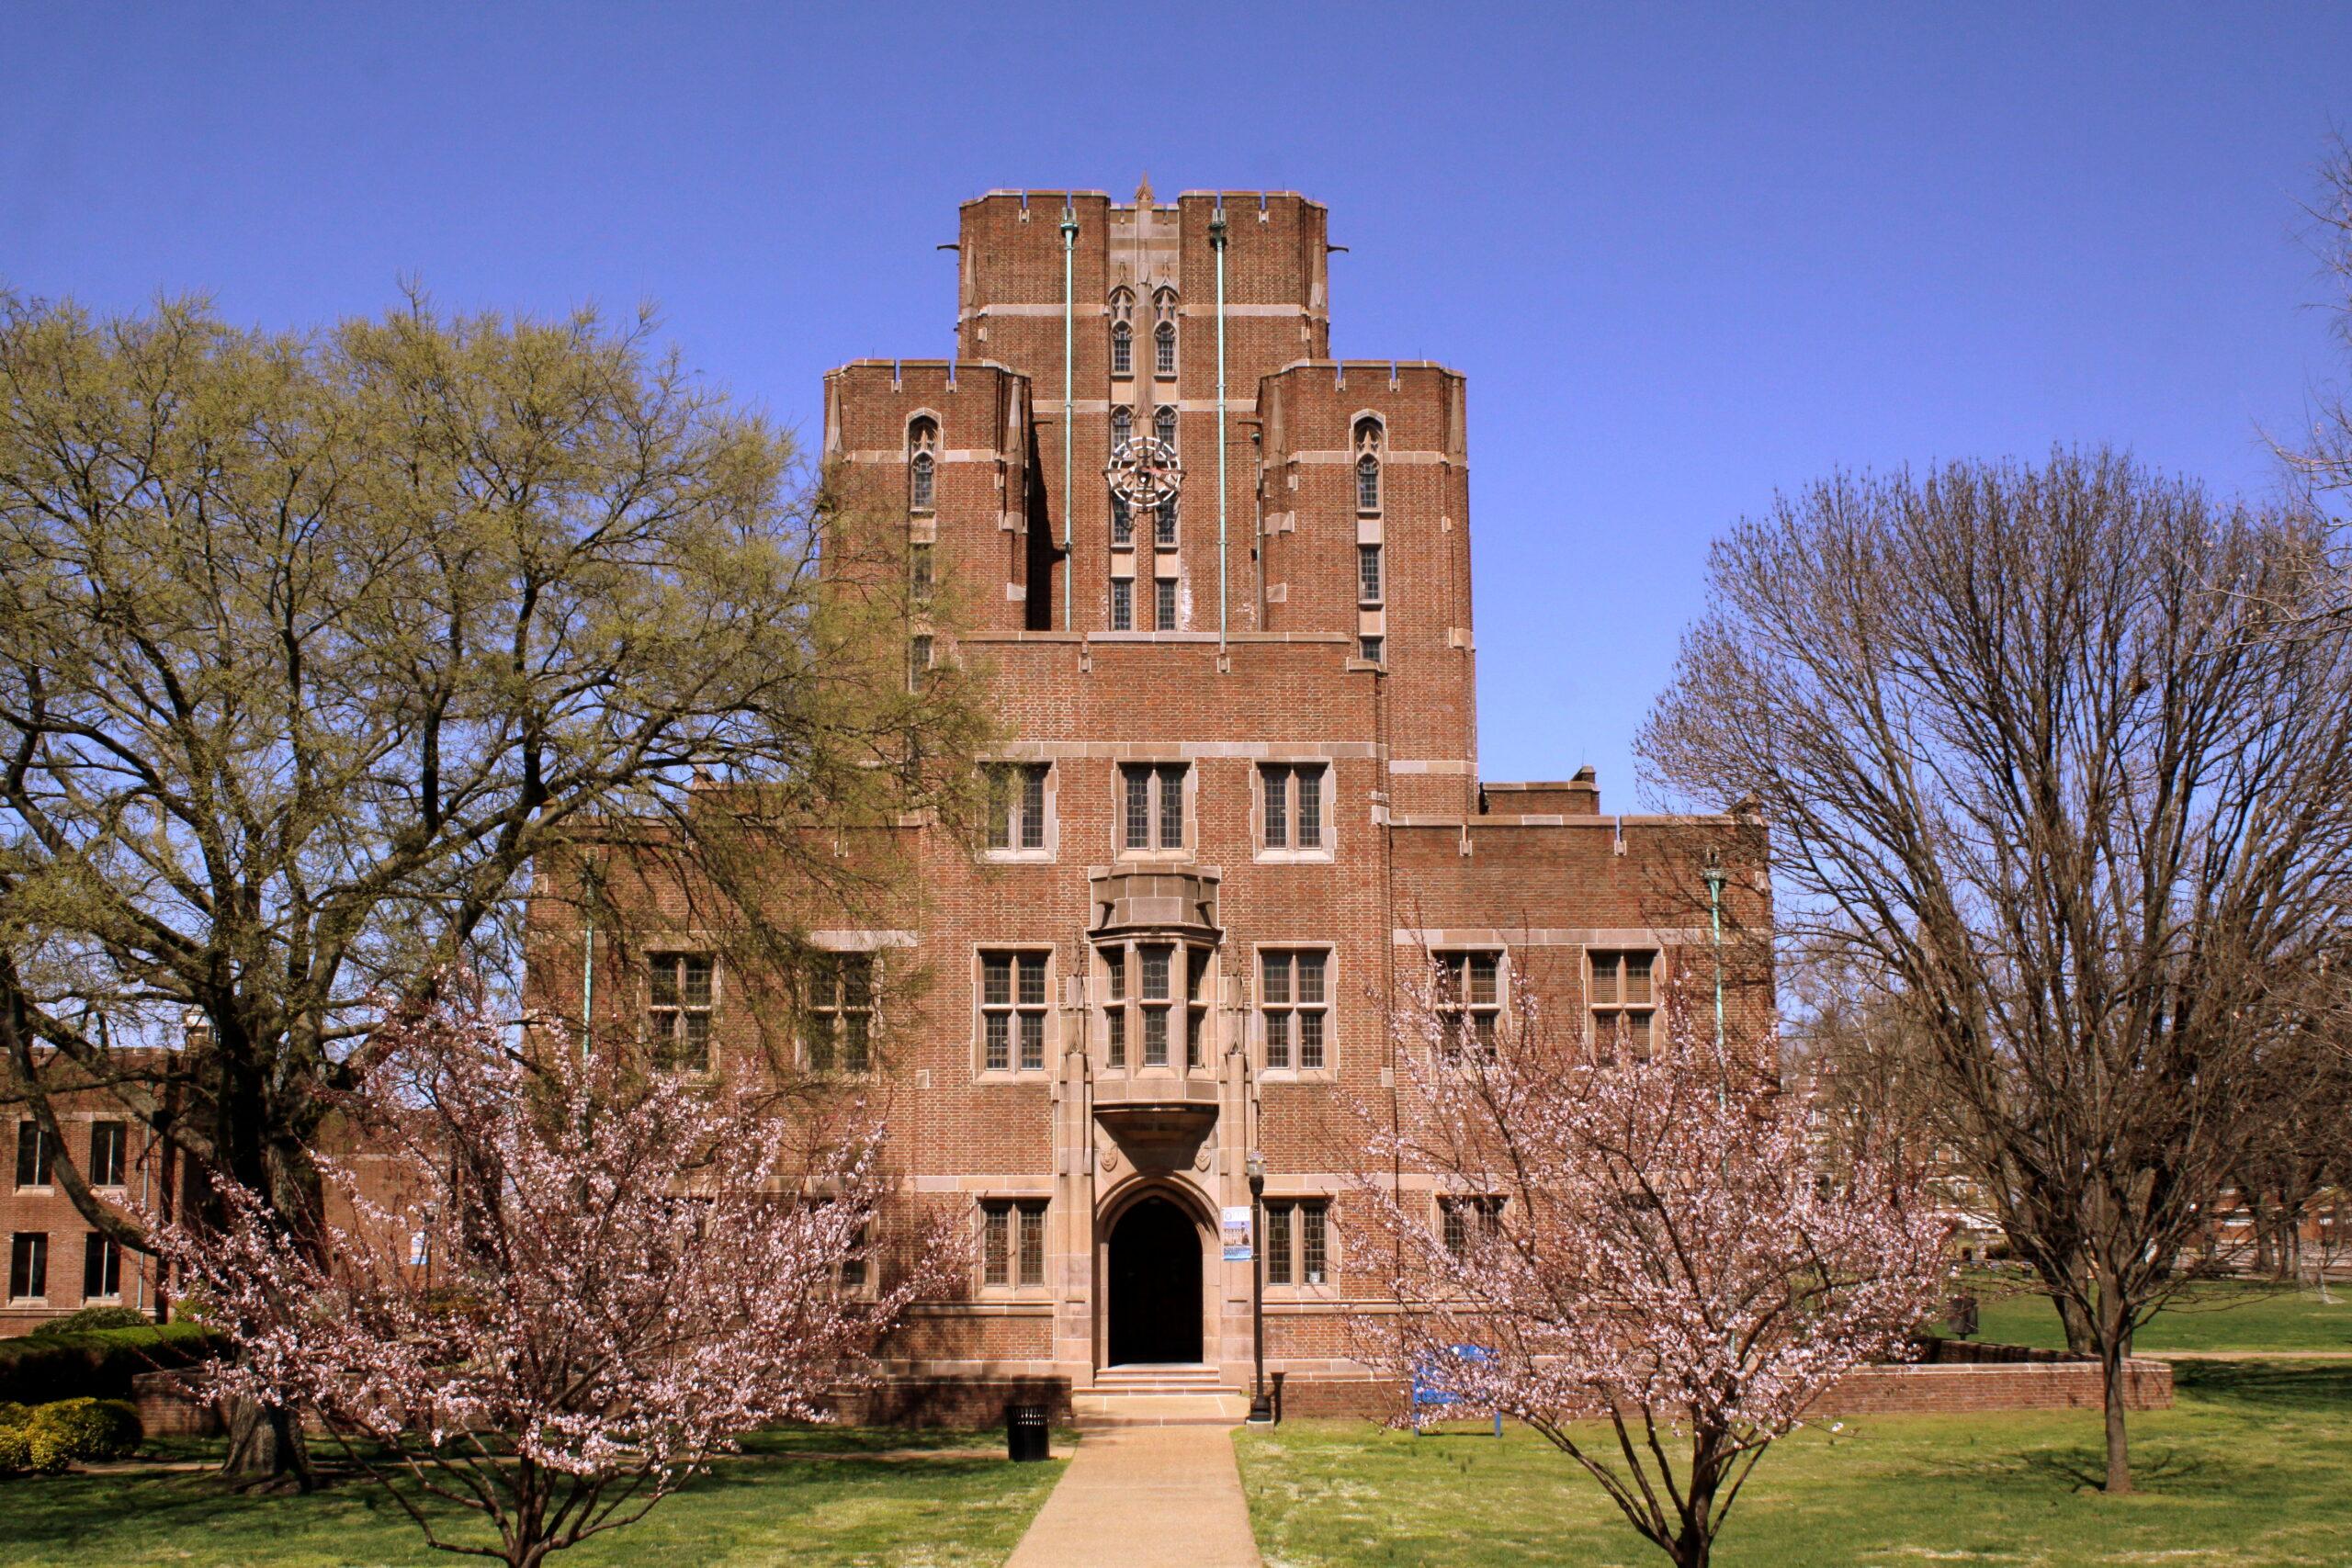 universidades-historicamente-negras-Fisk